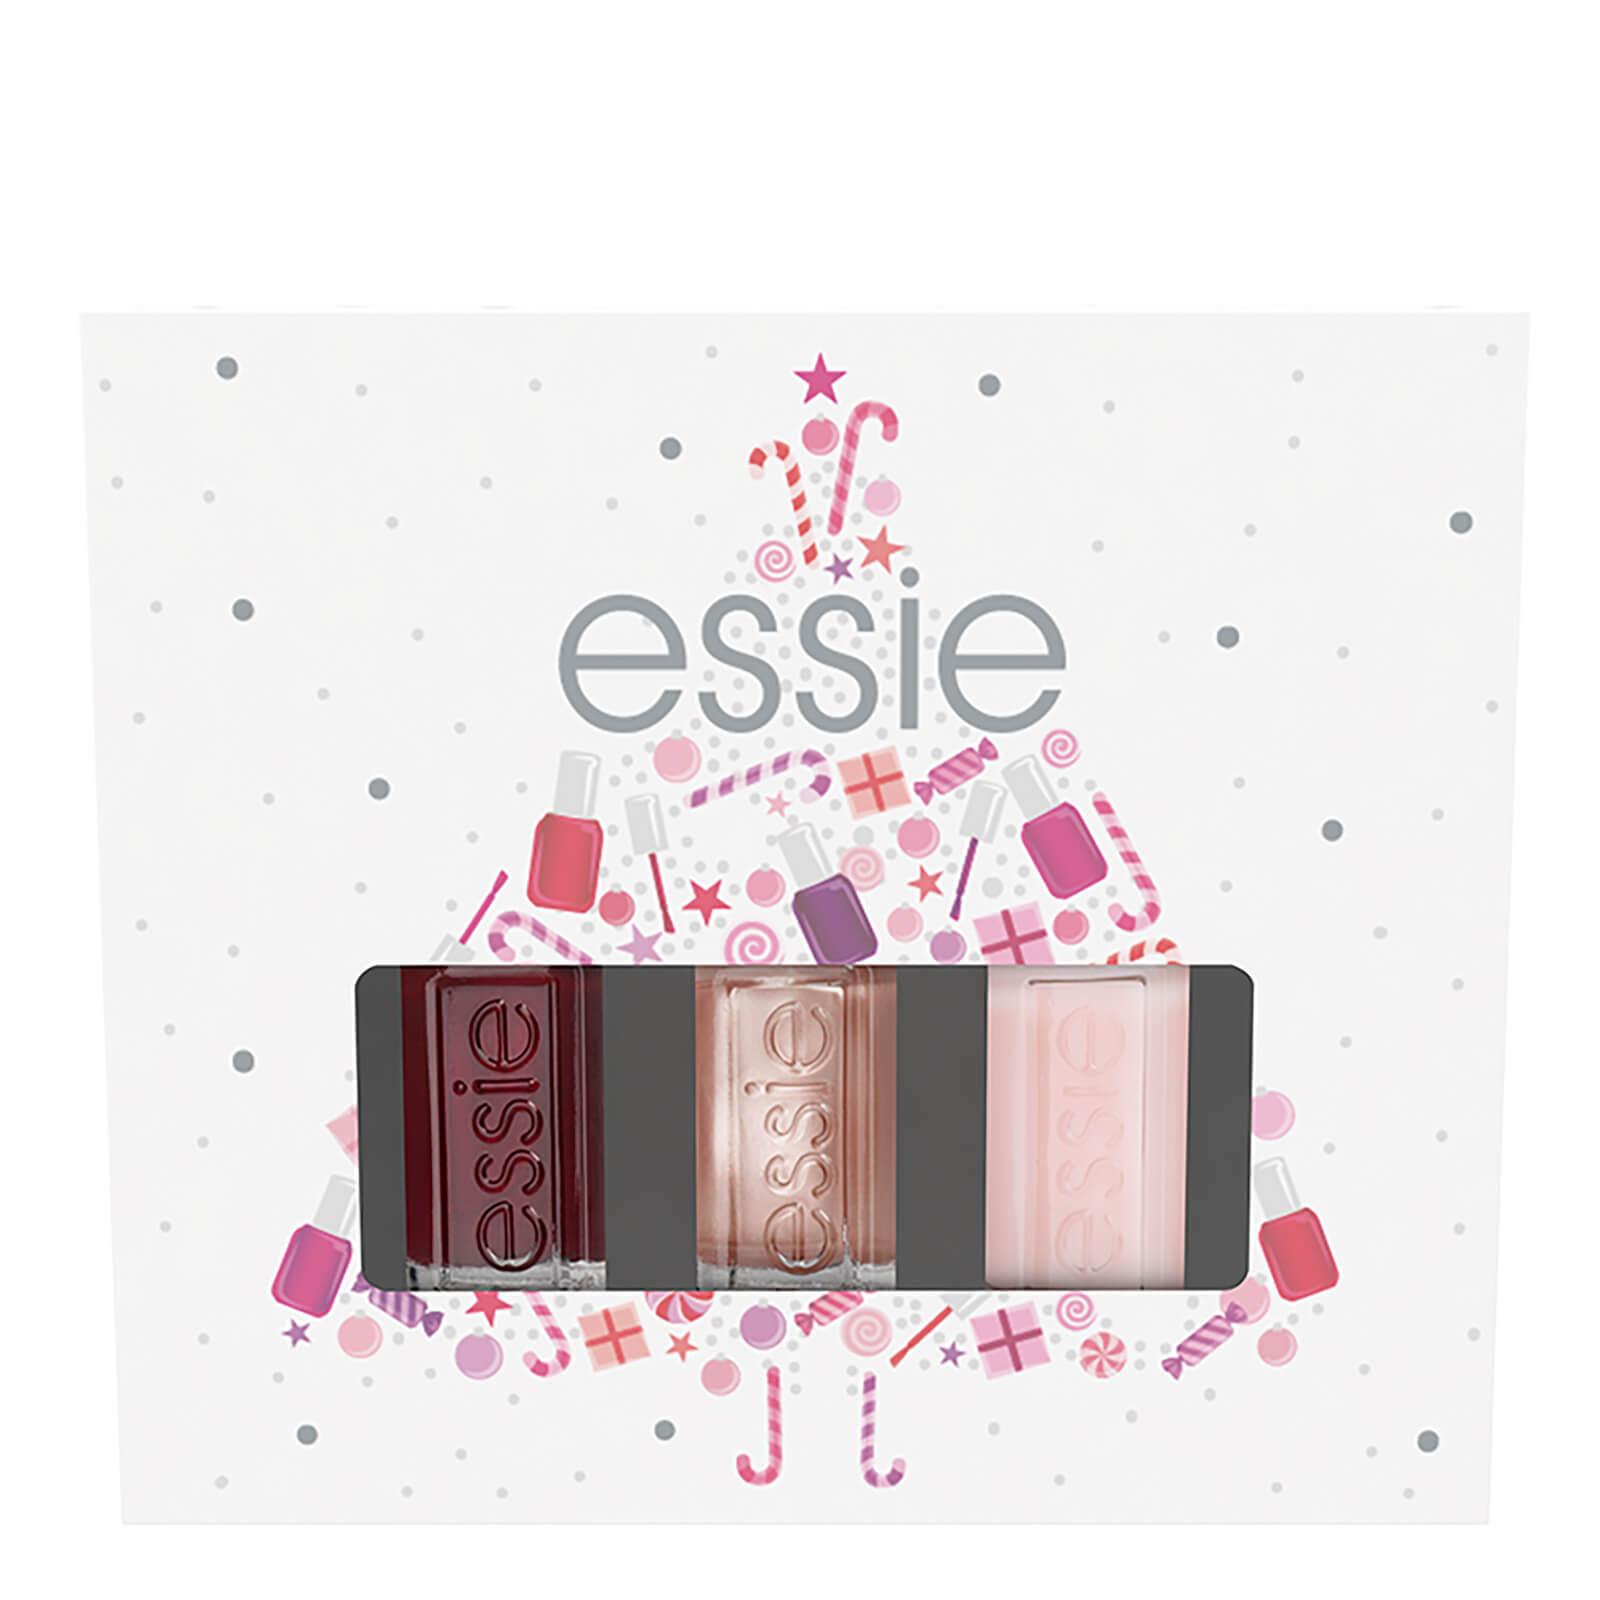 Essie Candy Box Gift Set